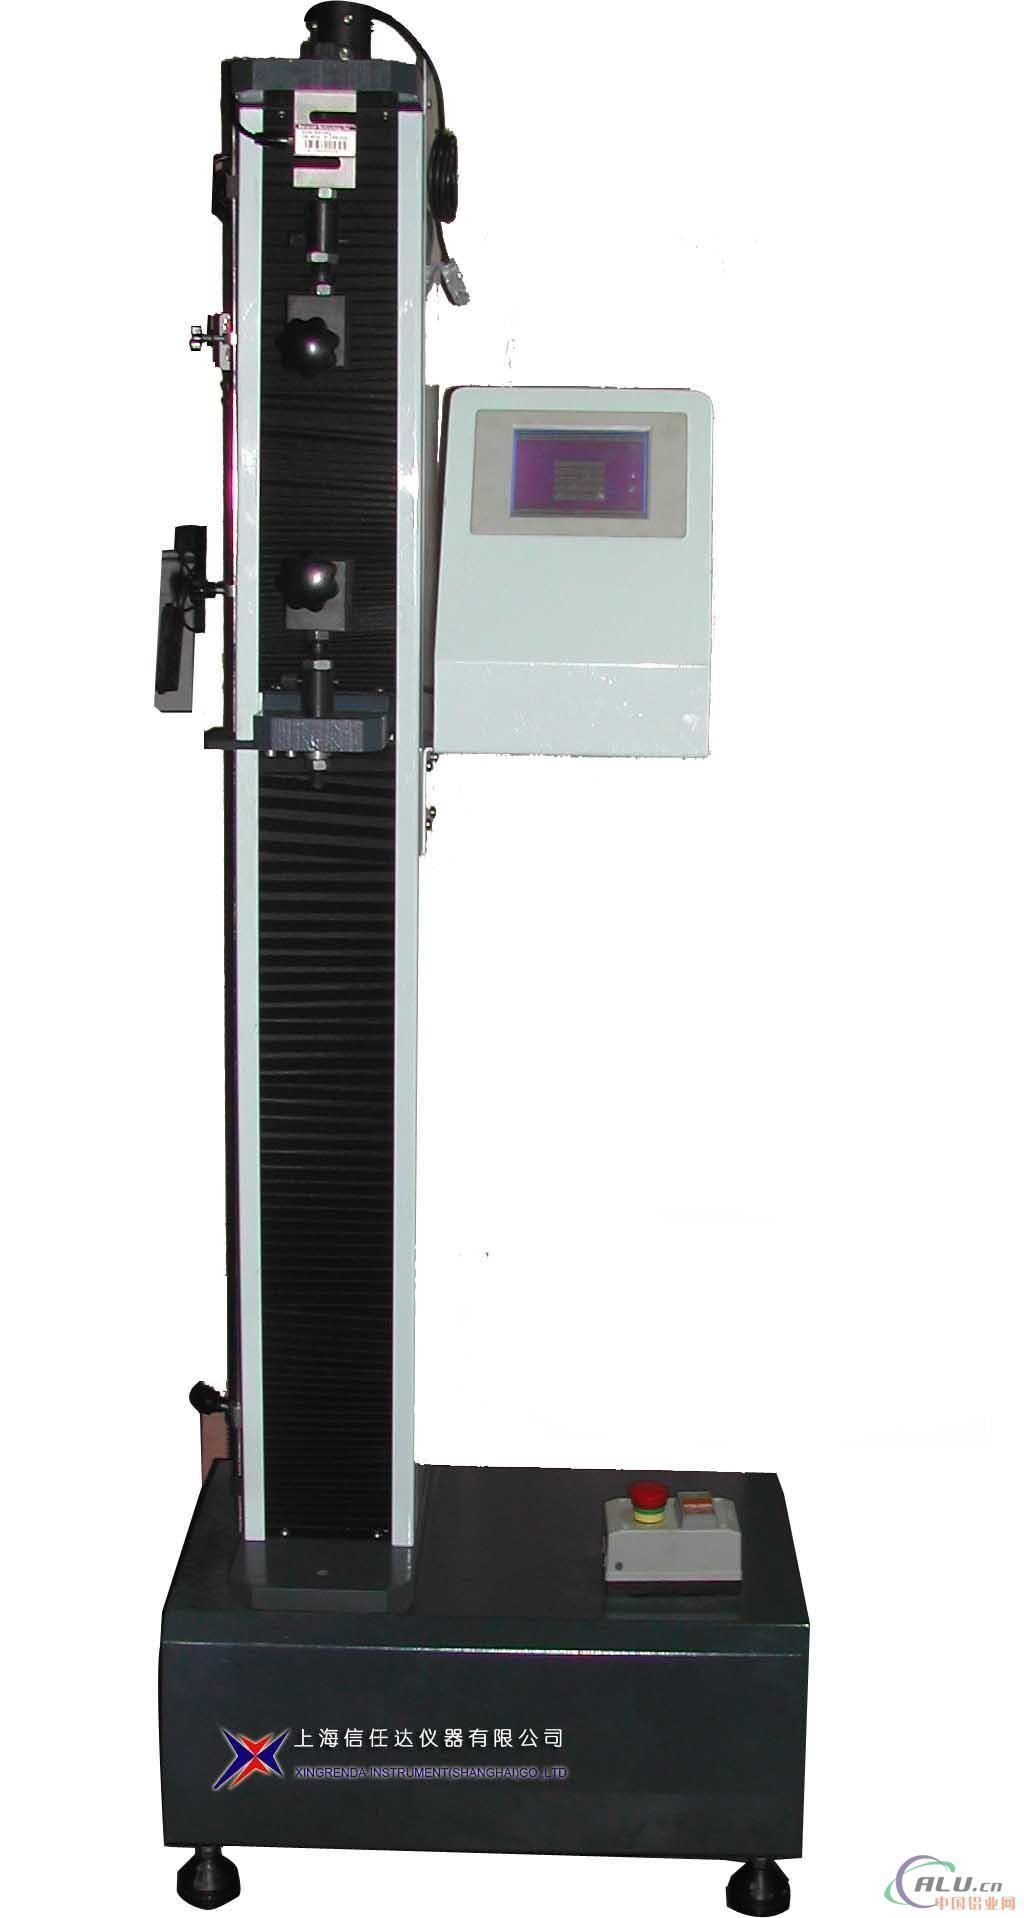 投影仪吊架安装图解 调限位